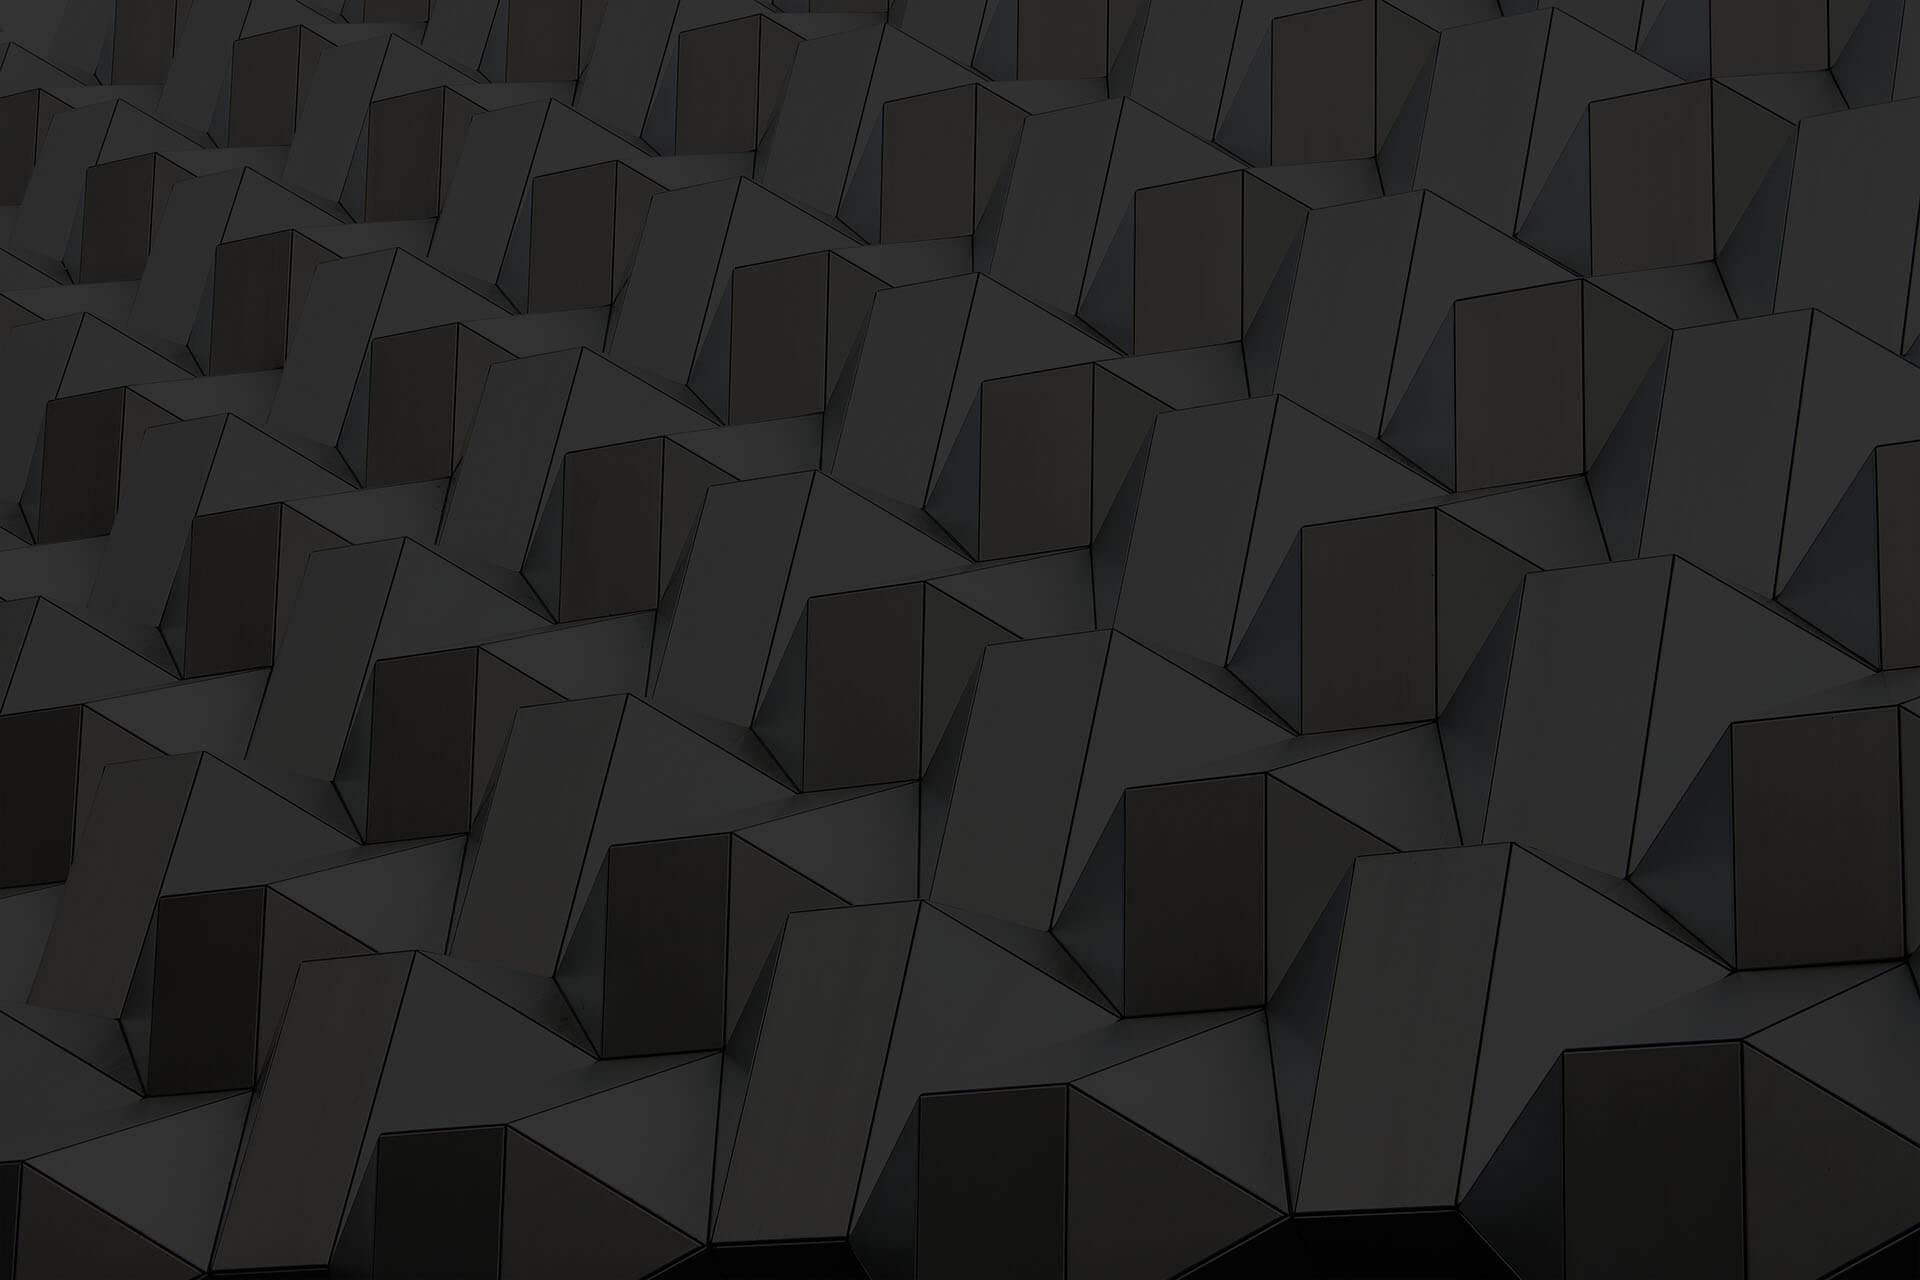 elastic ui - Angular 7 Material Design + Redux/ngrx Admin Template